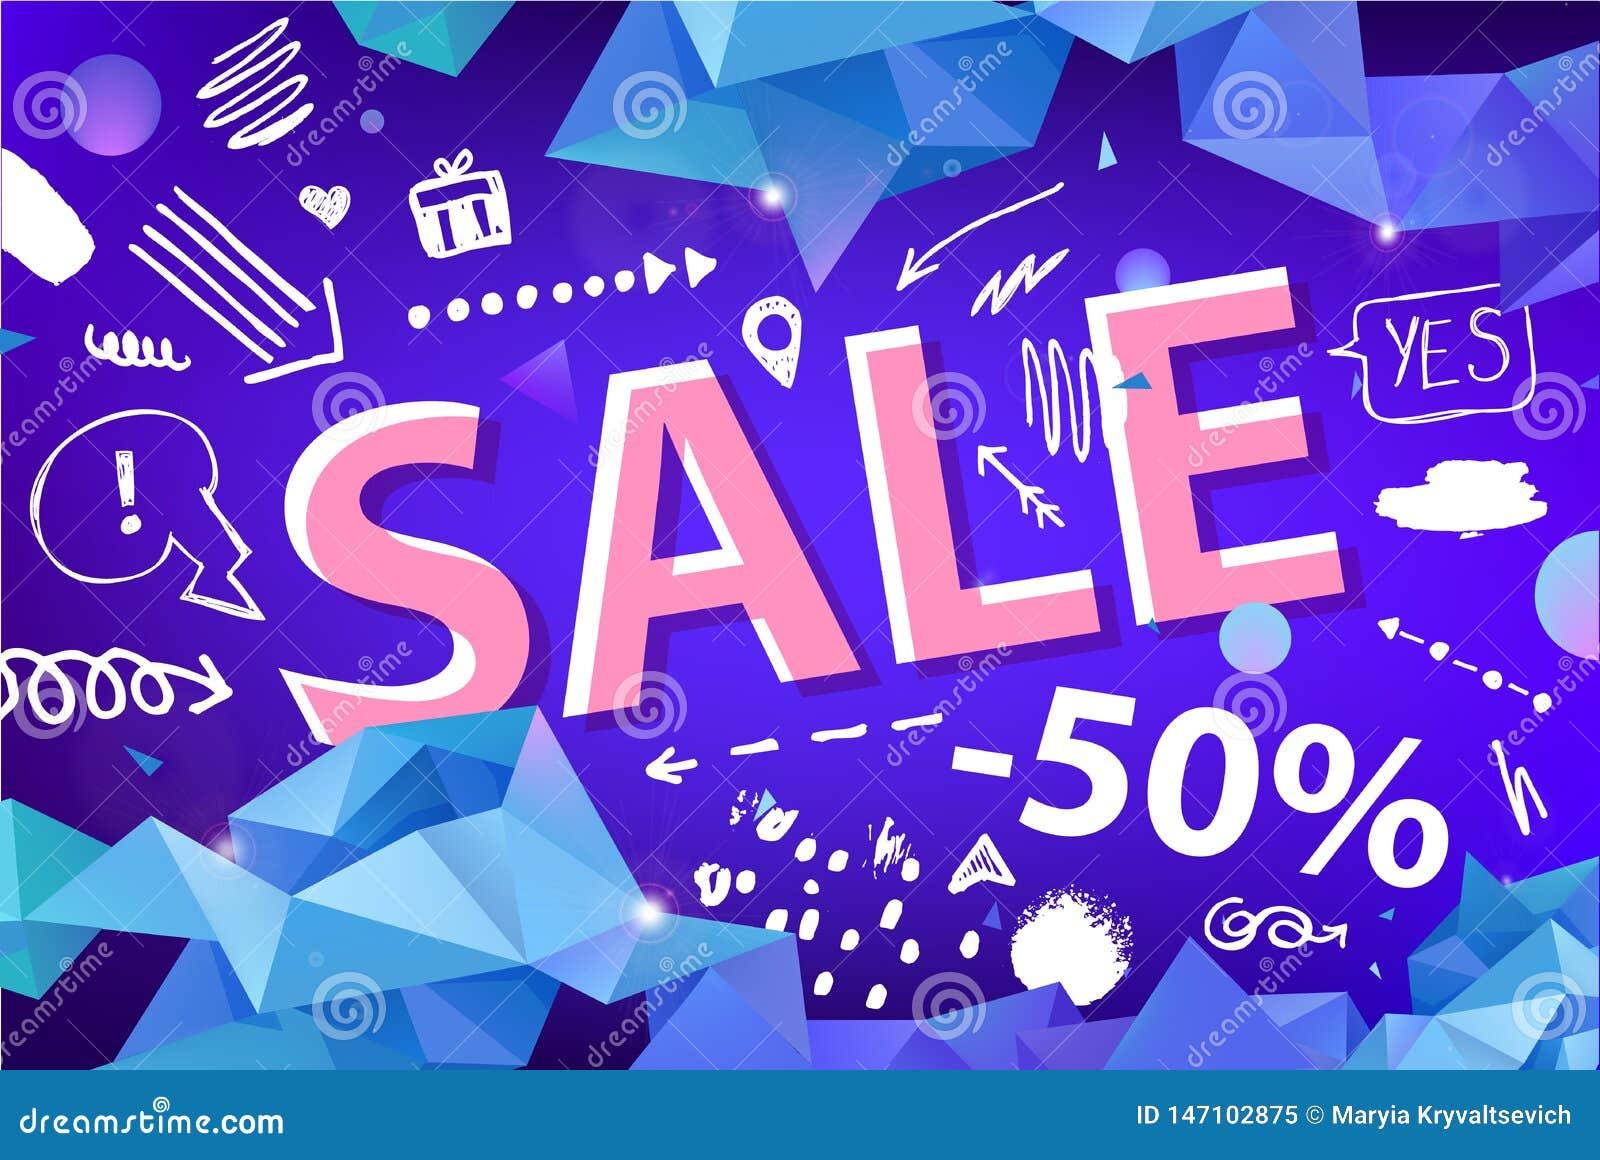 Знамя продажи вектора, плакат с нарисованной рукой doodle элементы фасетка origami 3d формирует плакаты promo